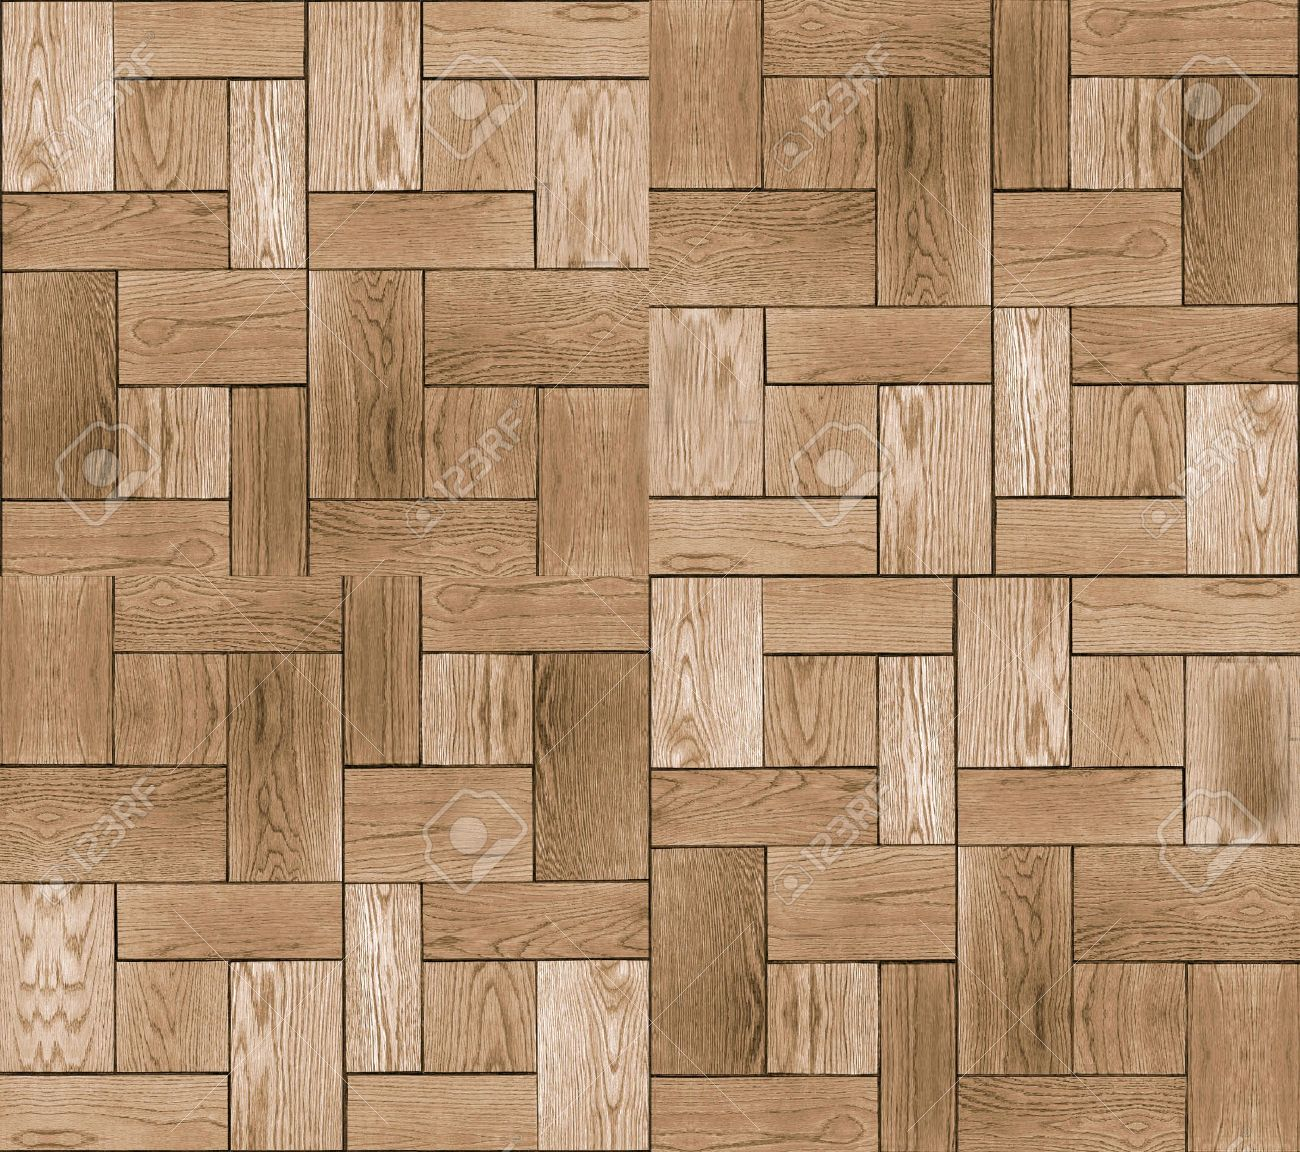 textura de madera de azulejos y baldosas foto de archivo